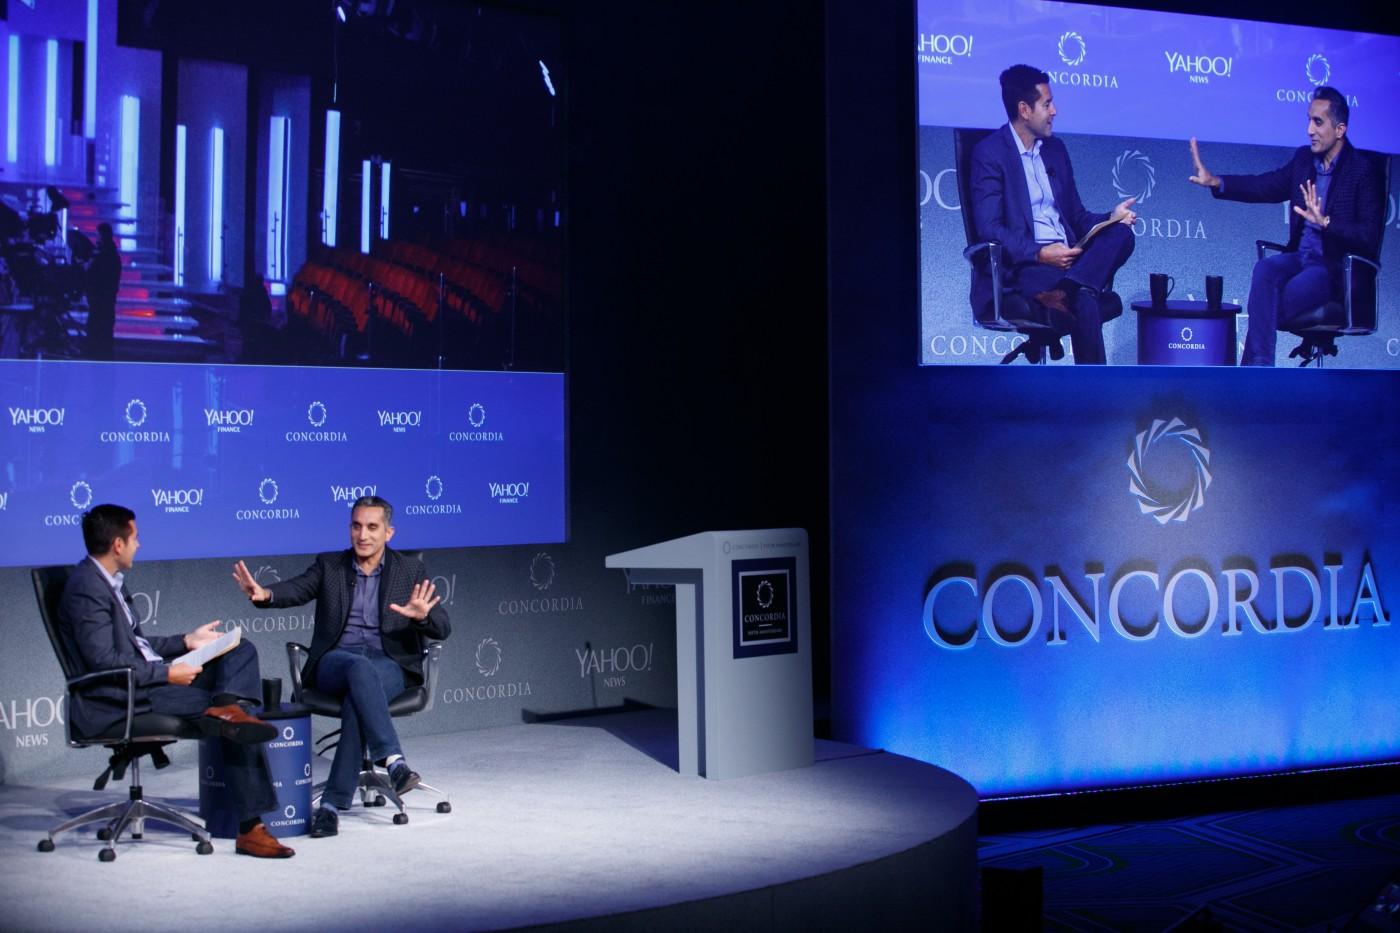 Concordia-0V5A7270-1400x933.jpg